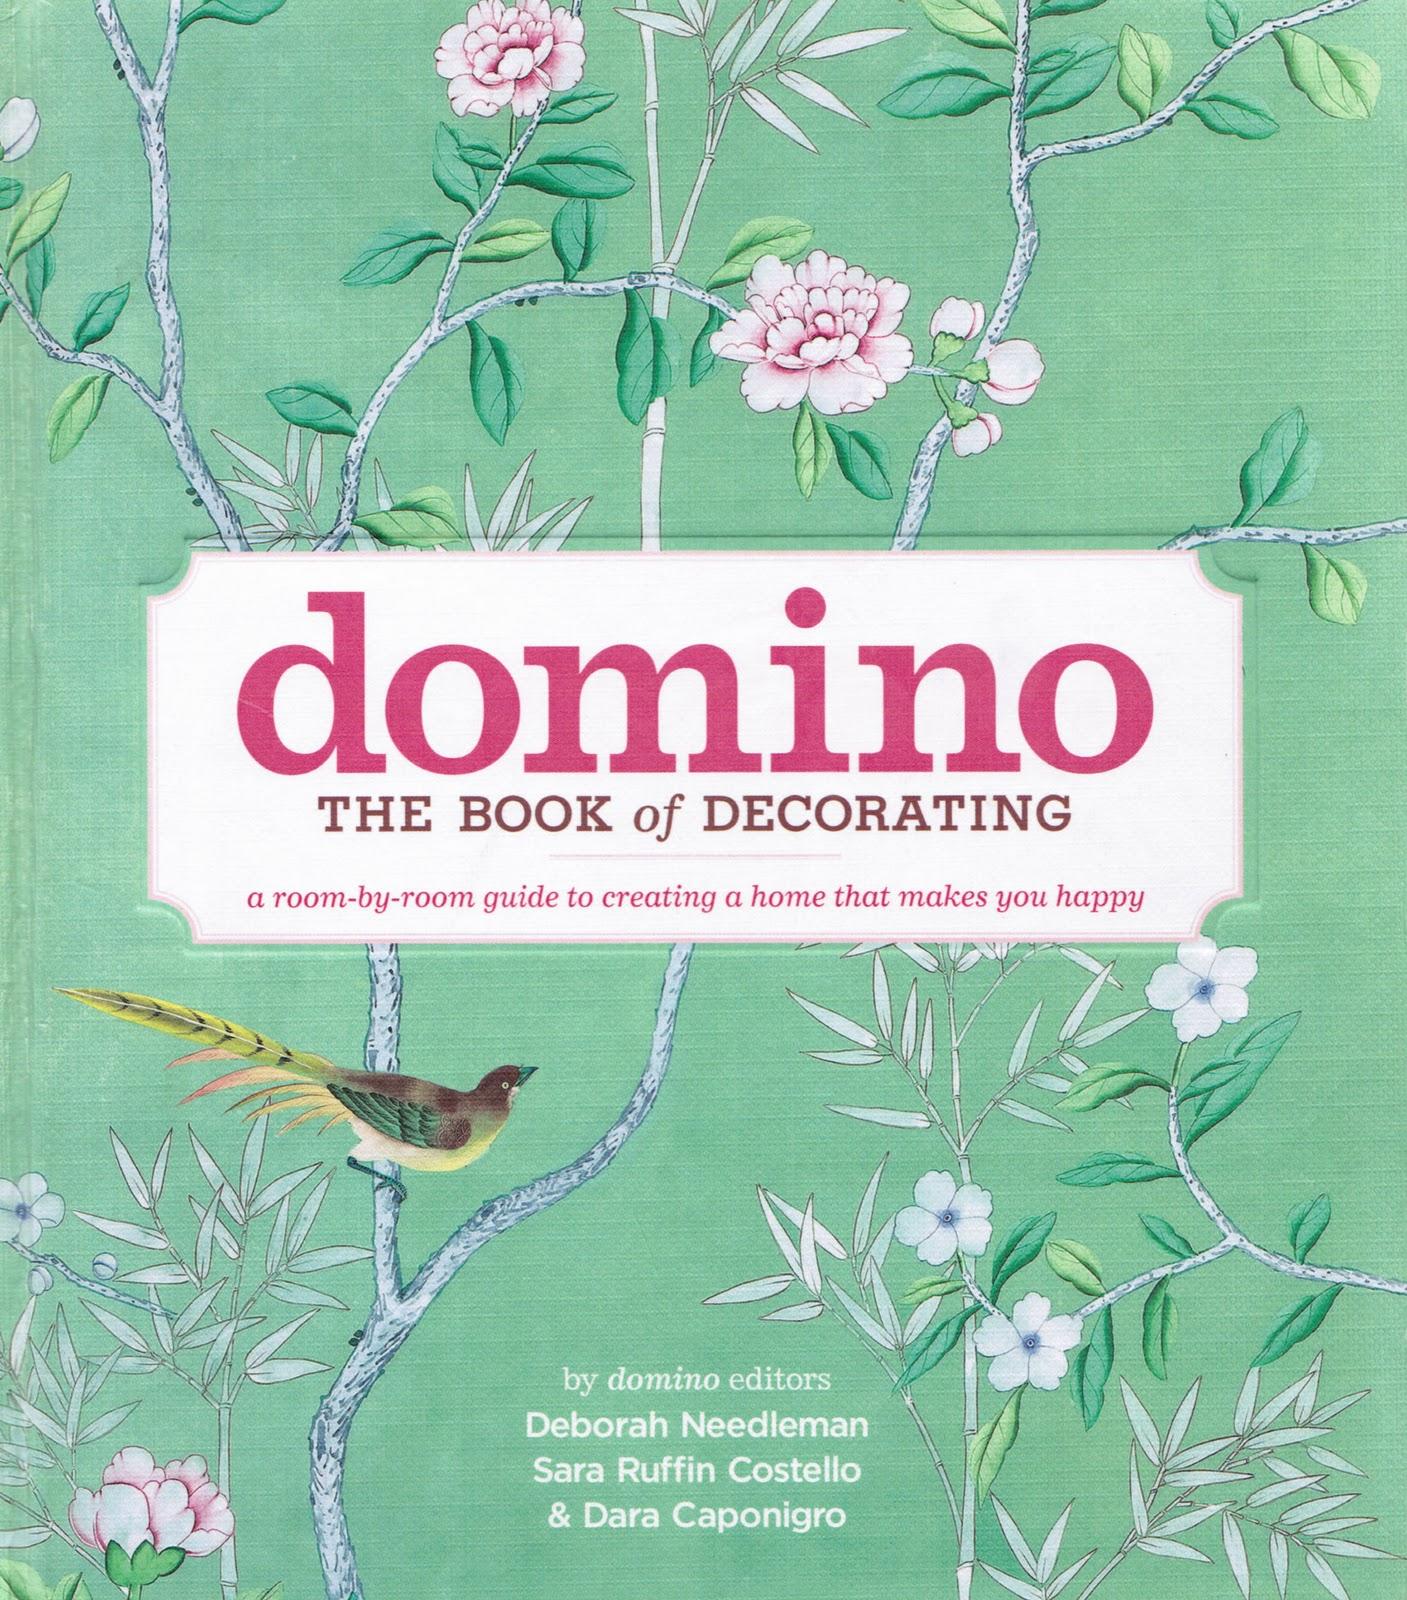 http://1.bp.blogspot.com/-fXumaDj9hnA/UBxj-7RJtXI/AAAAAAAACmg/5OTDt4rbP5Y/s1600/domino+book+cover.jpg